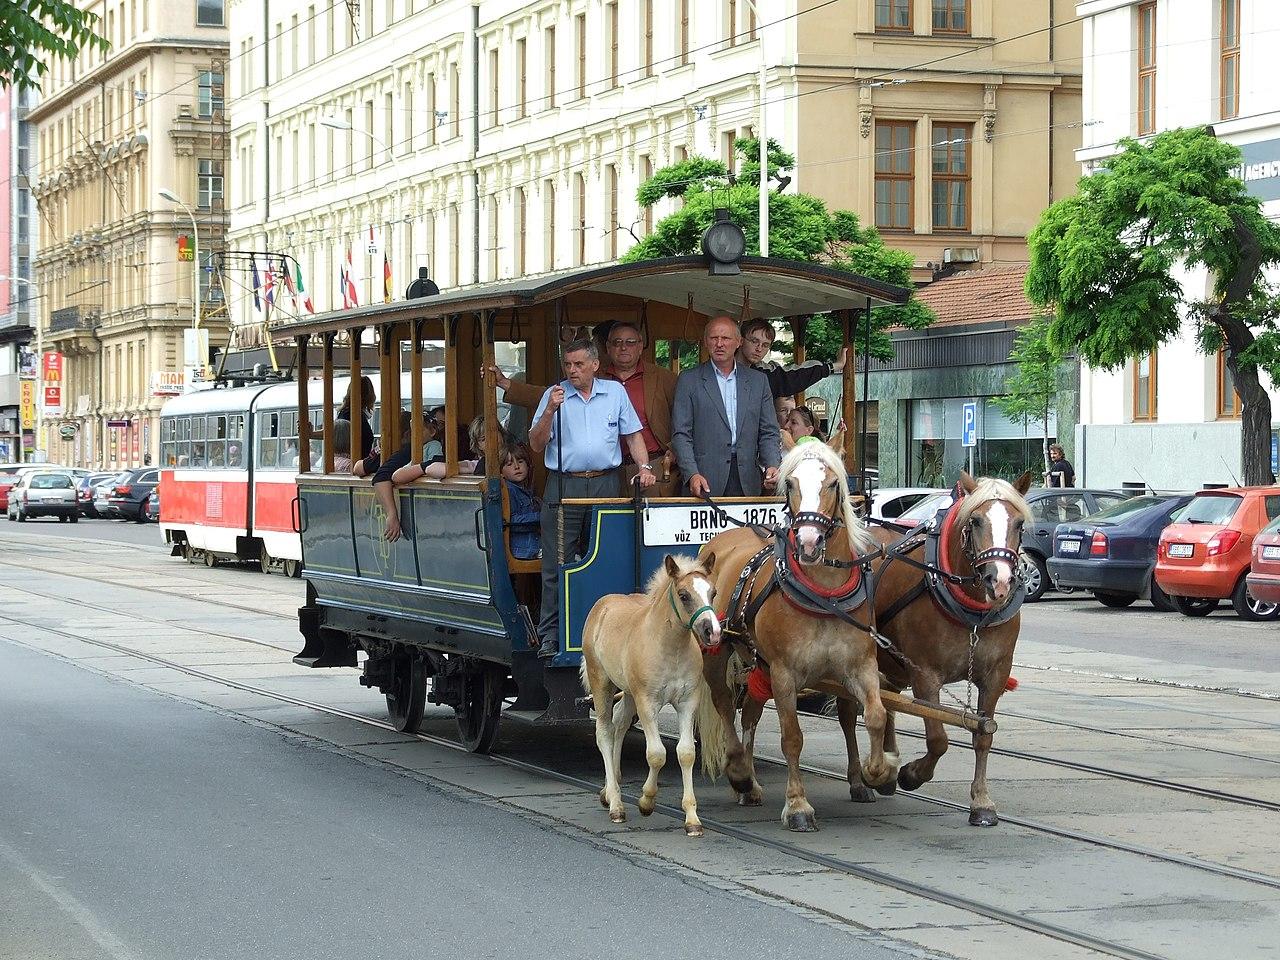 File:Brno, Brno Město, Historická Koňská Tramvaj.jpg